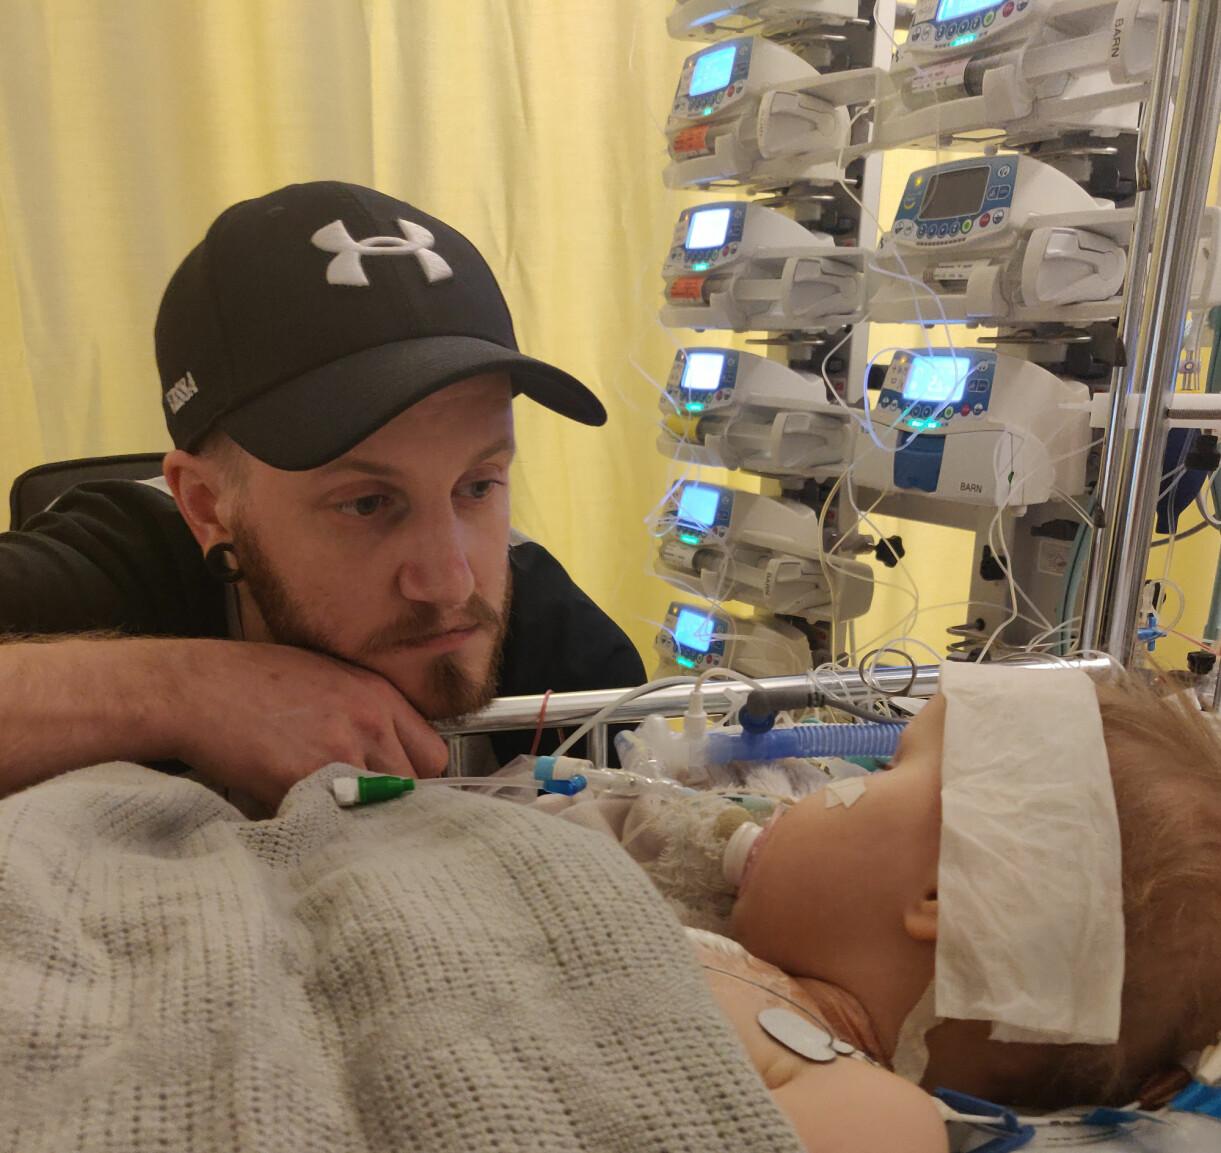 Lova med pappa på sjukhuset, överlevde hjärtsjukdomen